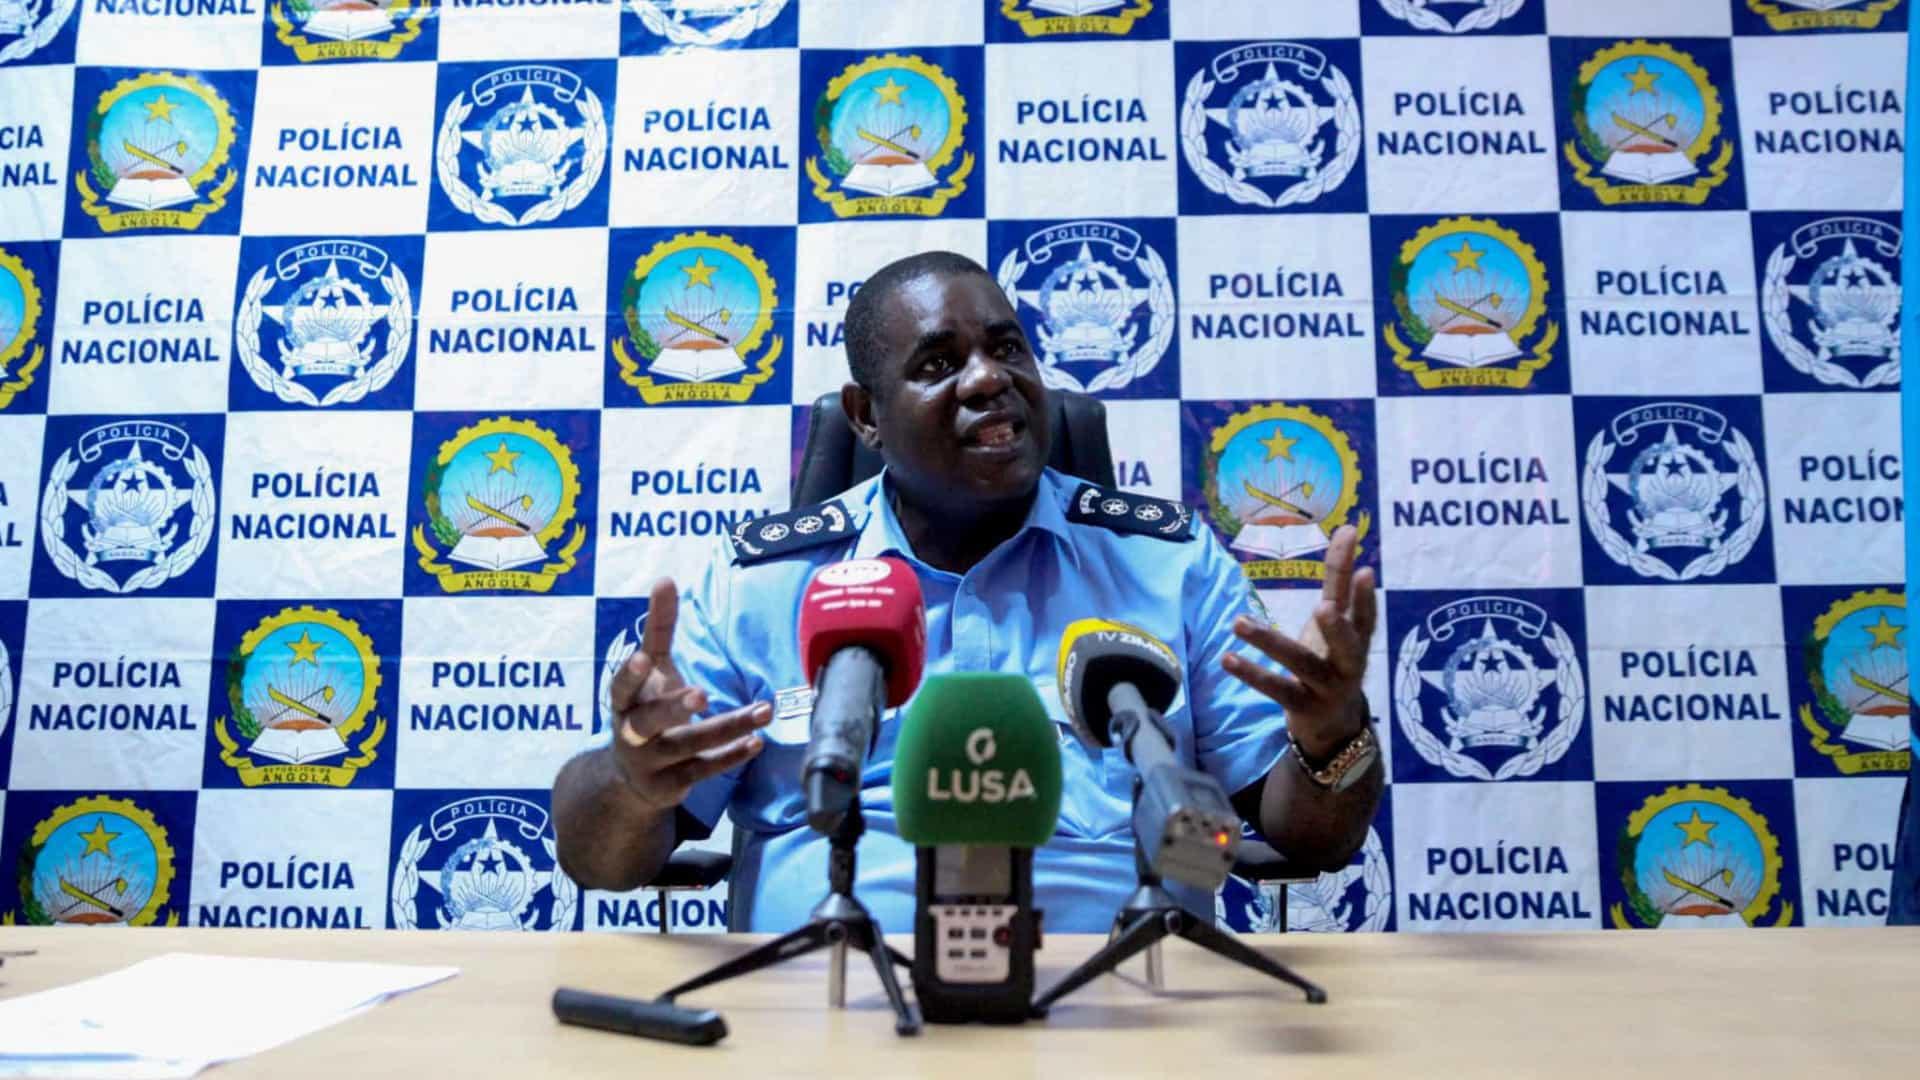 Empresas de segurança angolanas têm 6 meses para trocarem armas de guerra